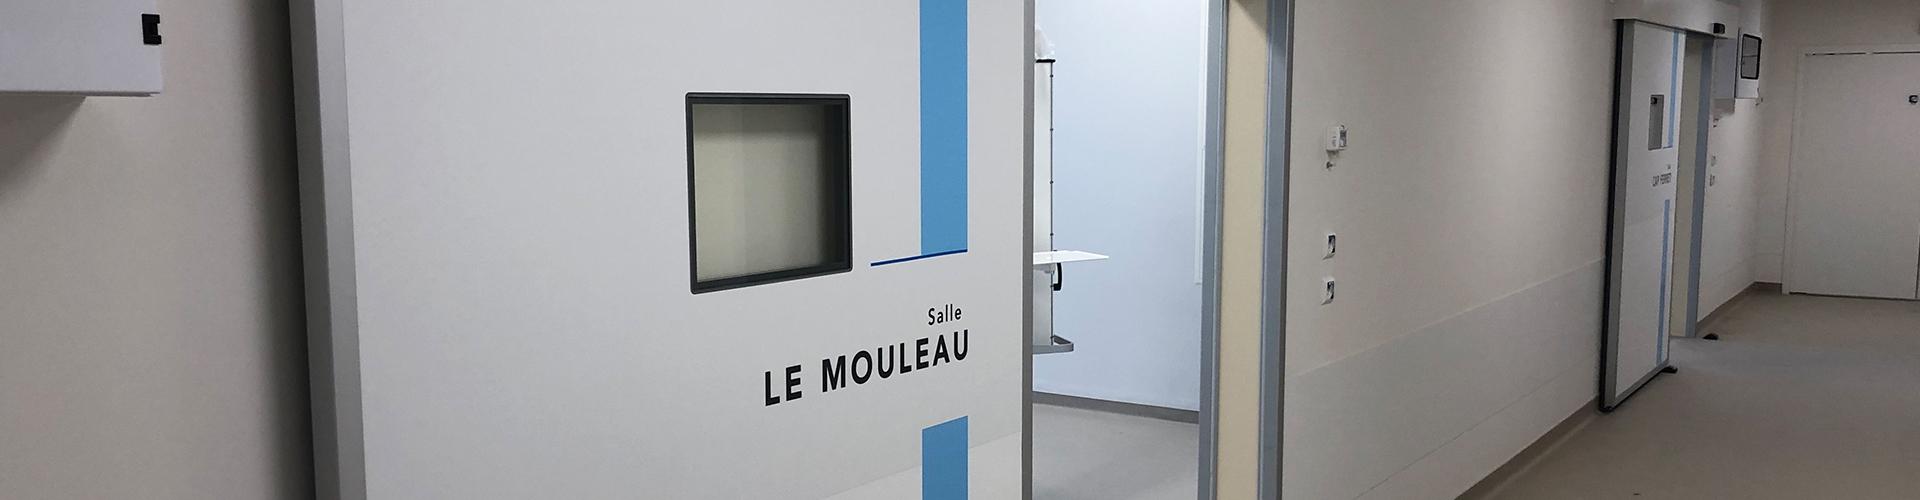 airtight hospital door